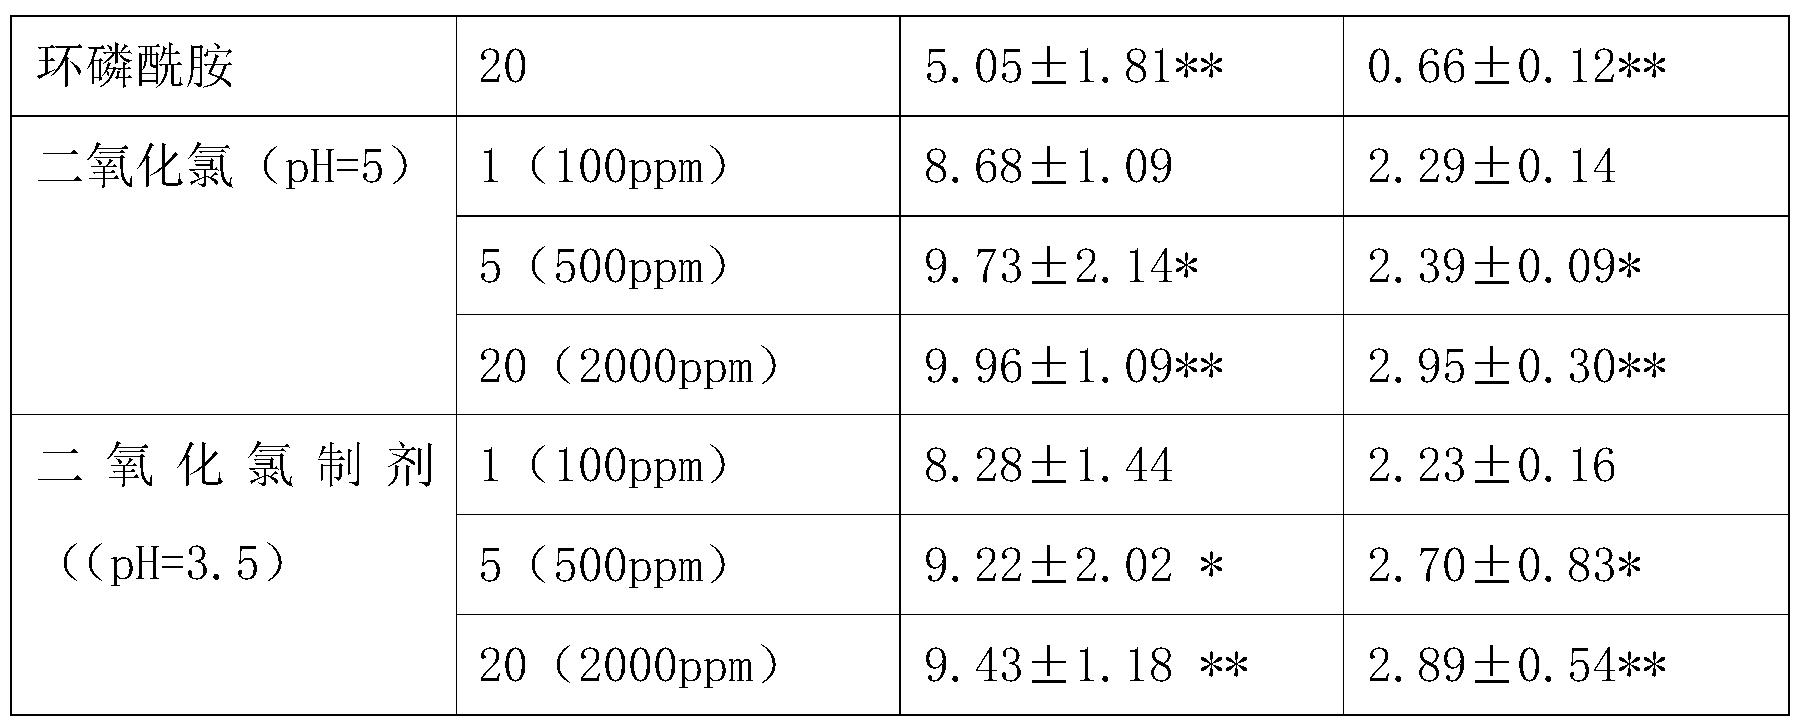 Figure PCTCN2014091047-appb-000015